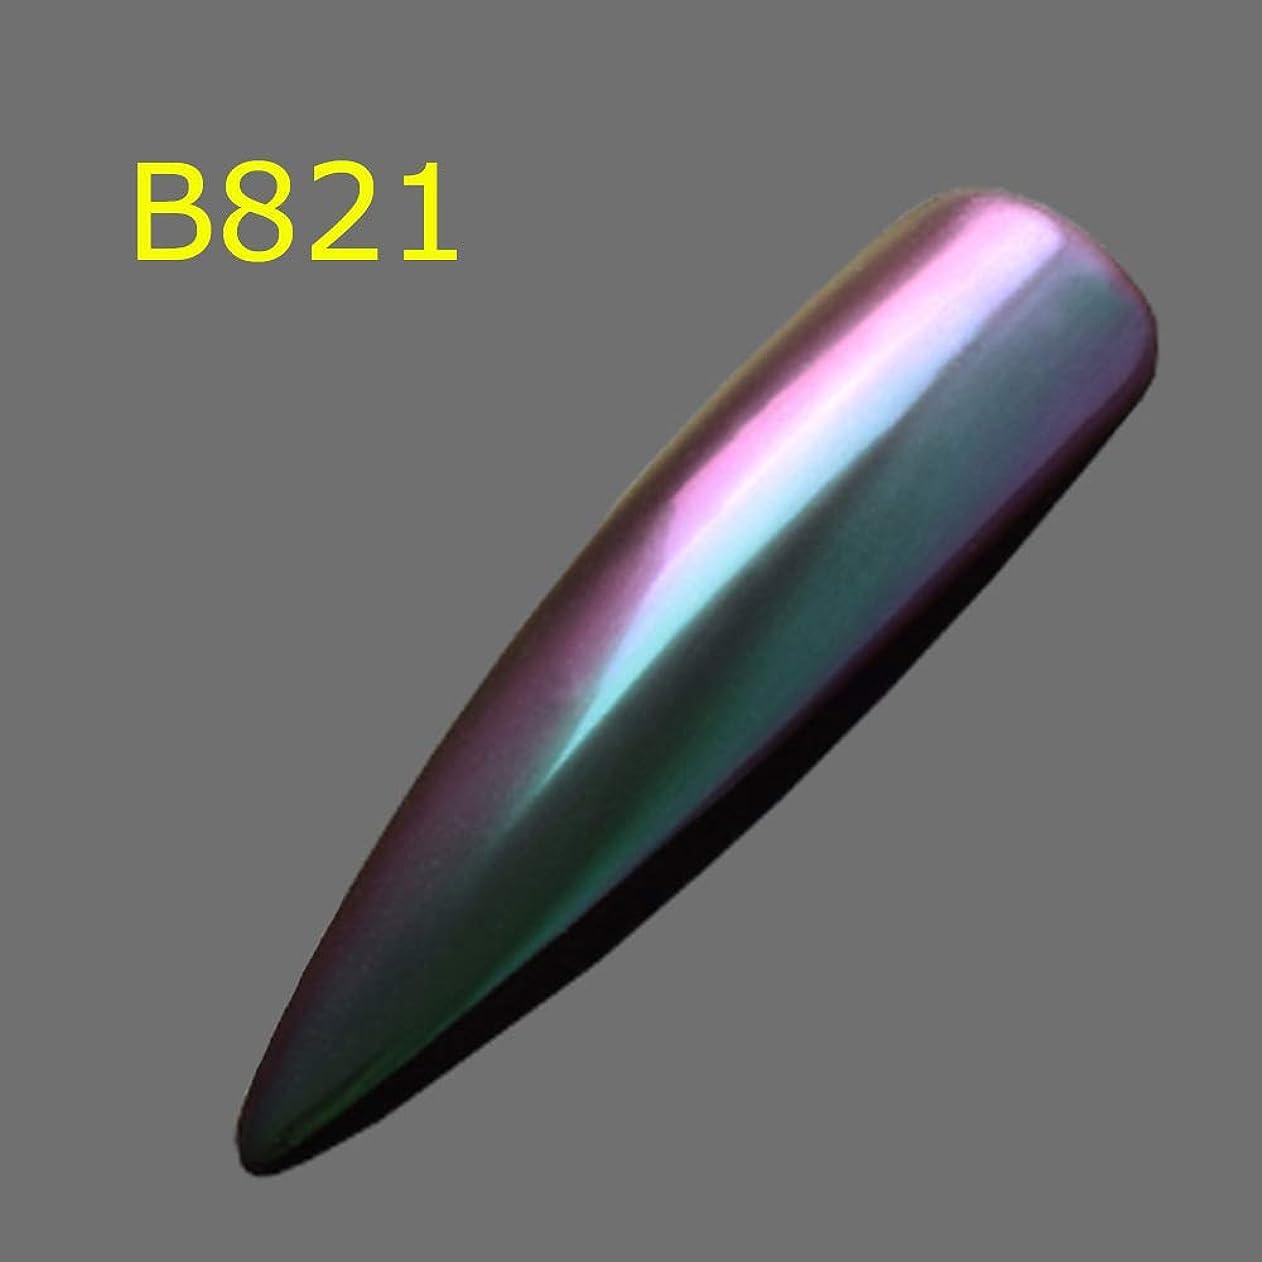 喉が渇いた資料どっち1ピースキラキラカメレオンフレークマジック効果グラデーションホログラフィックカラーネイルグリッターパウダーダストポリッシュジェルマニキュアSAB801-8800 B821